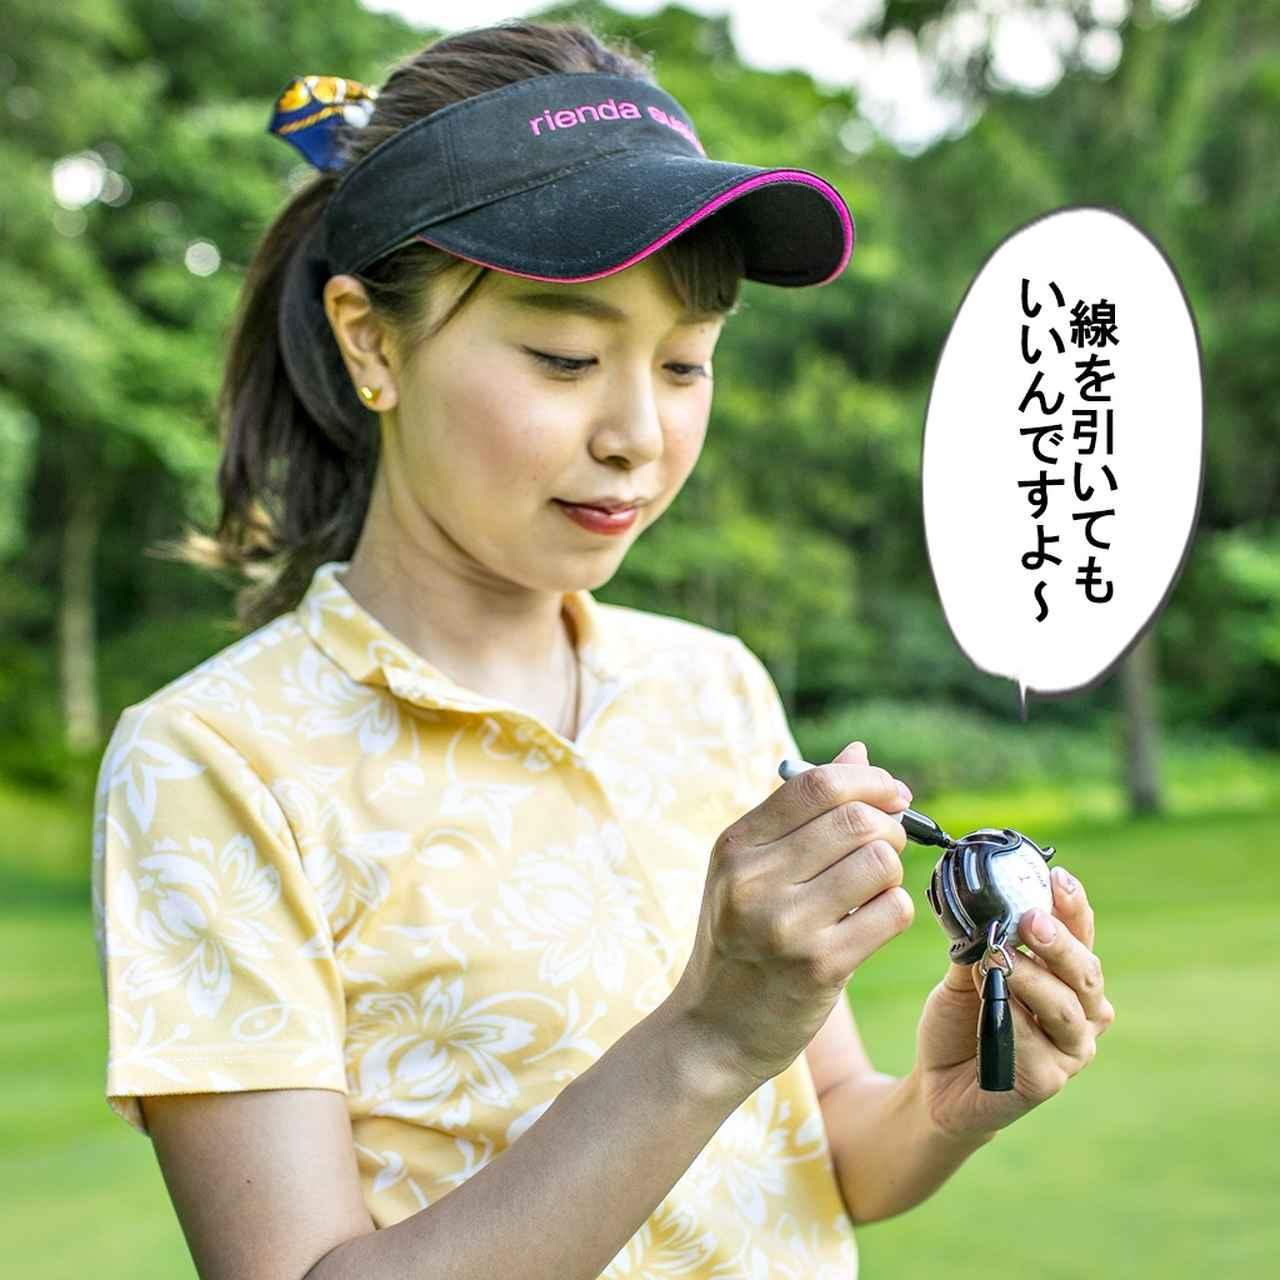 画像4: 【ルール】プレーの途中でボールに線を入れたら!?